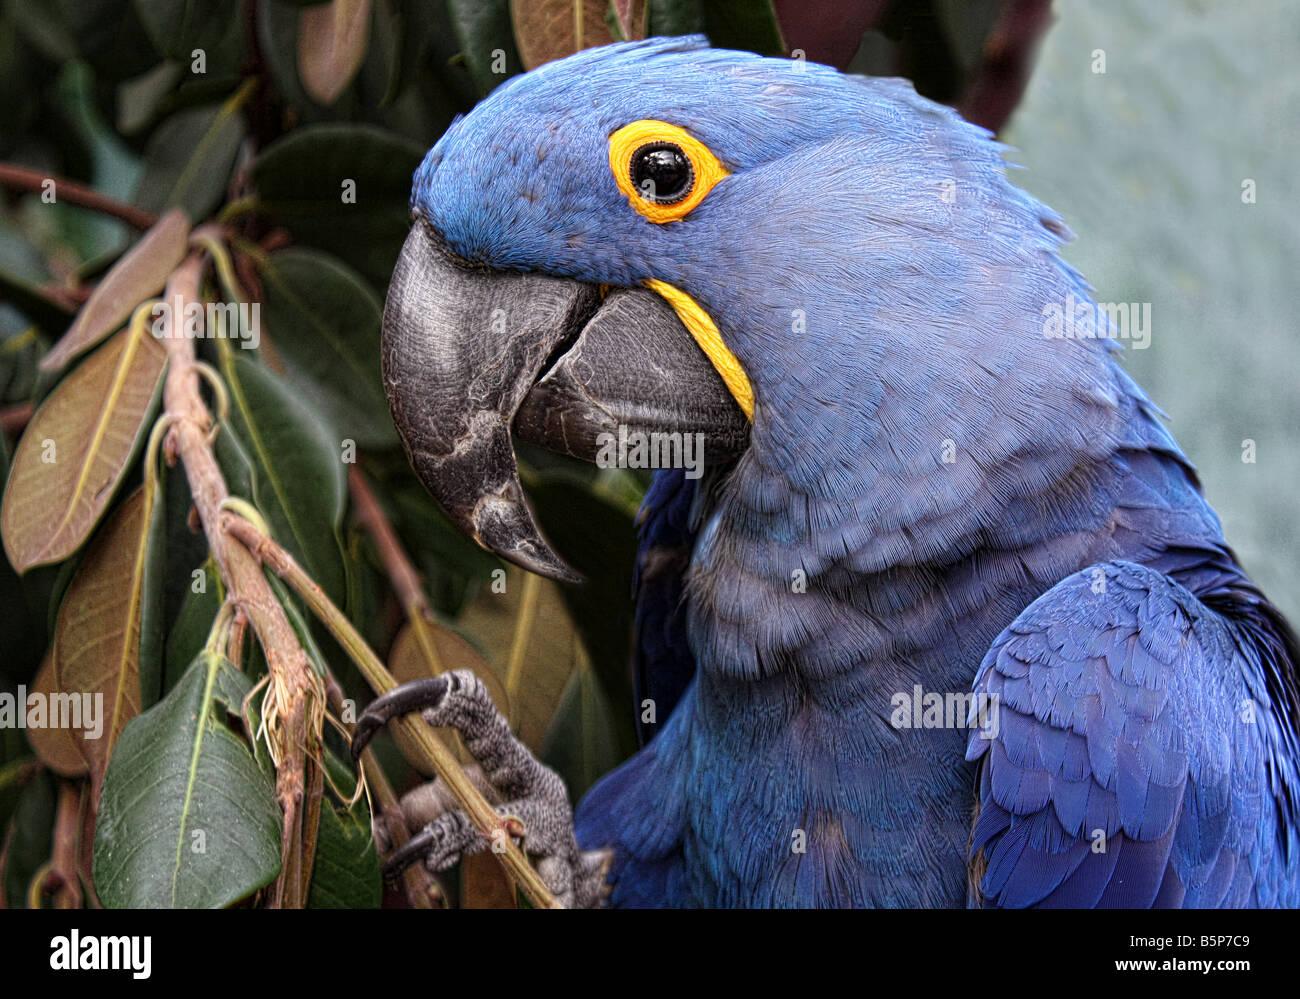 Si tratta di un Giacinto Macaw Parrot. Egli è molto gentile, egli ama attenzione ed è piuttosto il poser. Immagini Stock